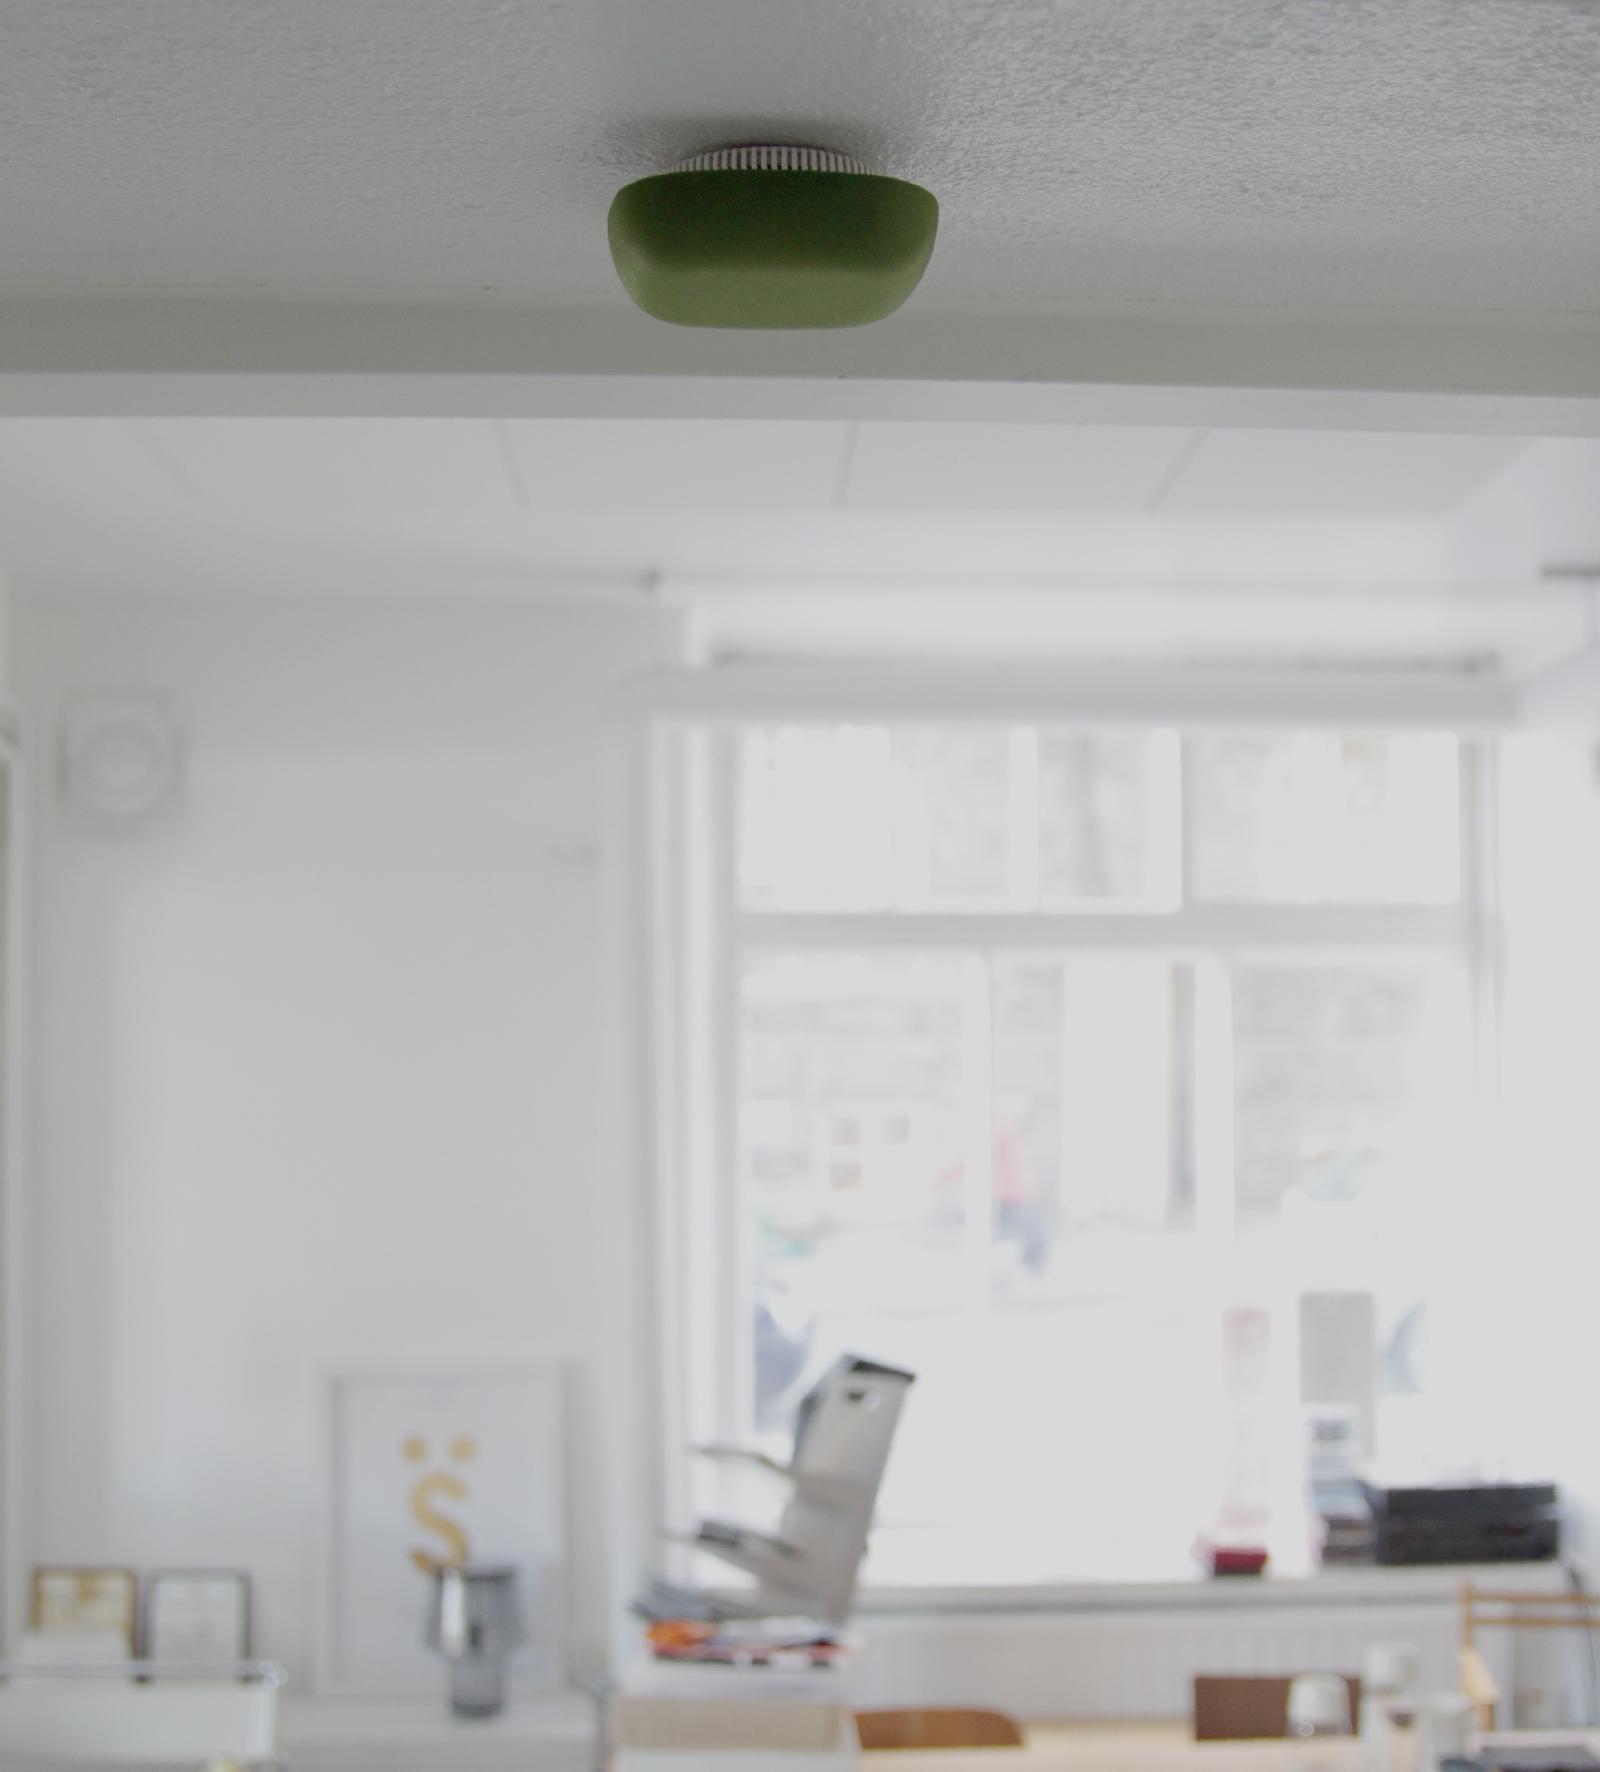 design rookmelder van jalo helsinki interieur inrichting. Black Bedroom Furniture Sets. Home Design Ideas